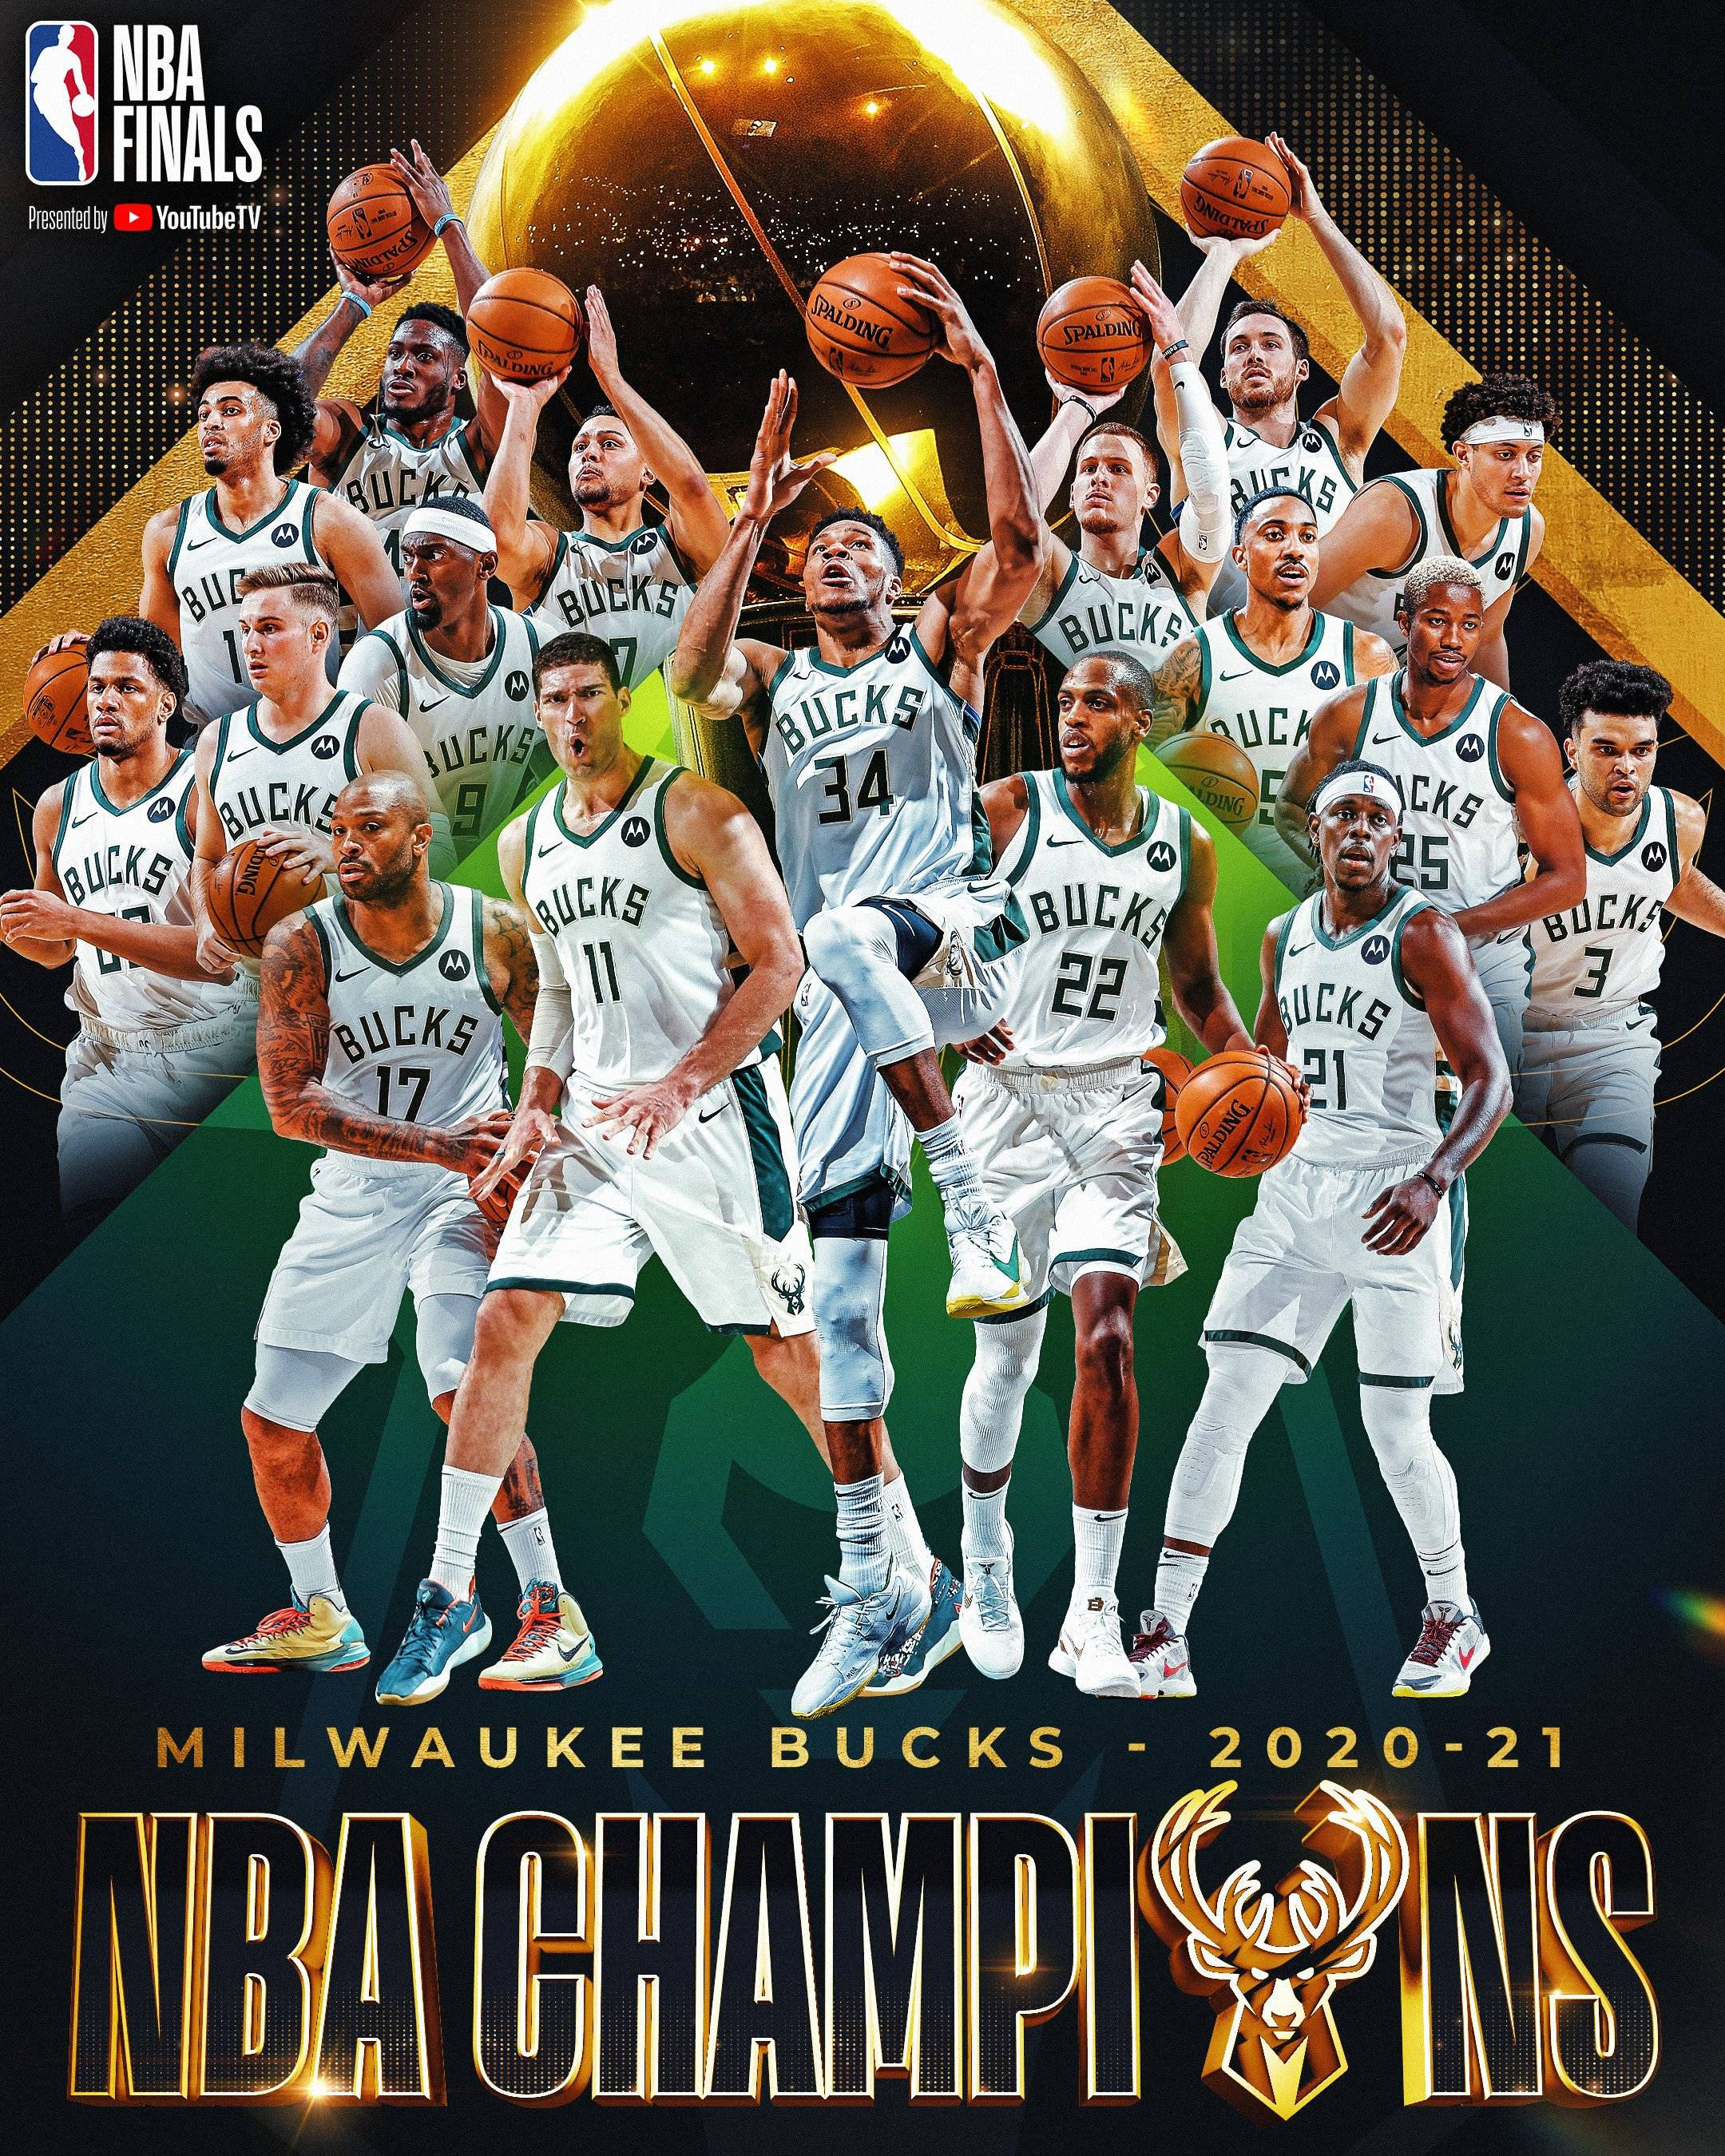 历届NBA总冠军一览:雄鹿50年后再圆梦,湖人绿军17冠领跑!_sky娱乐登录